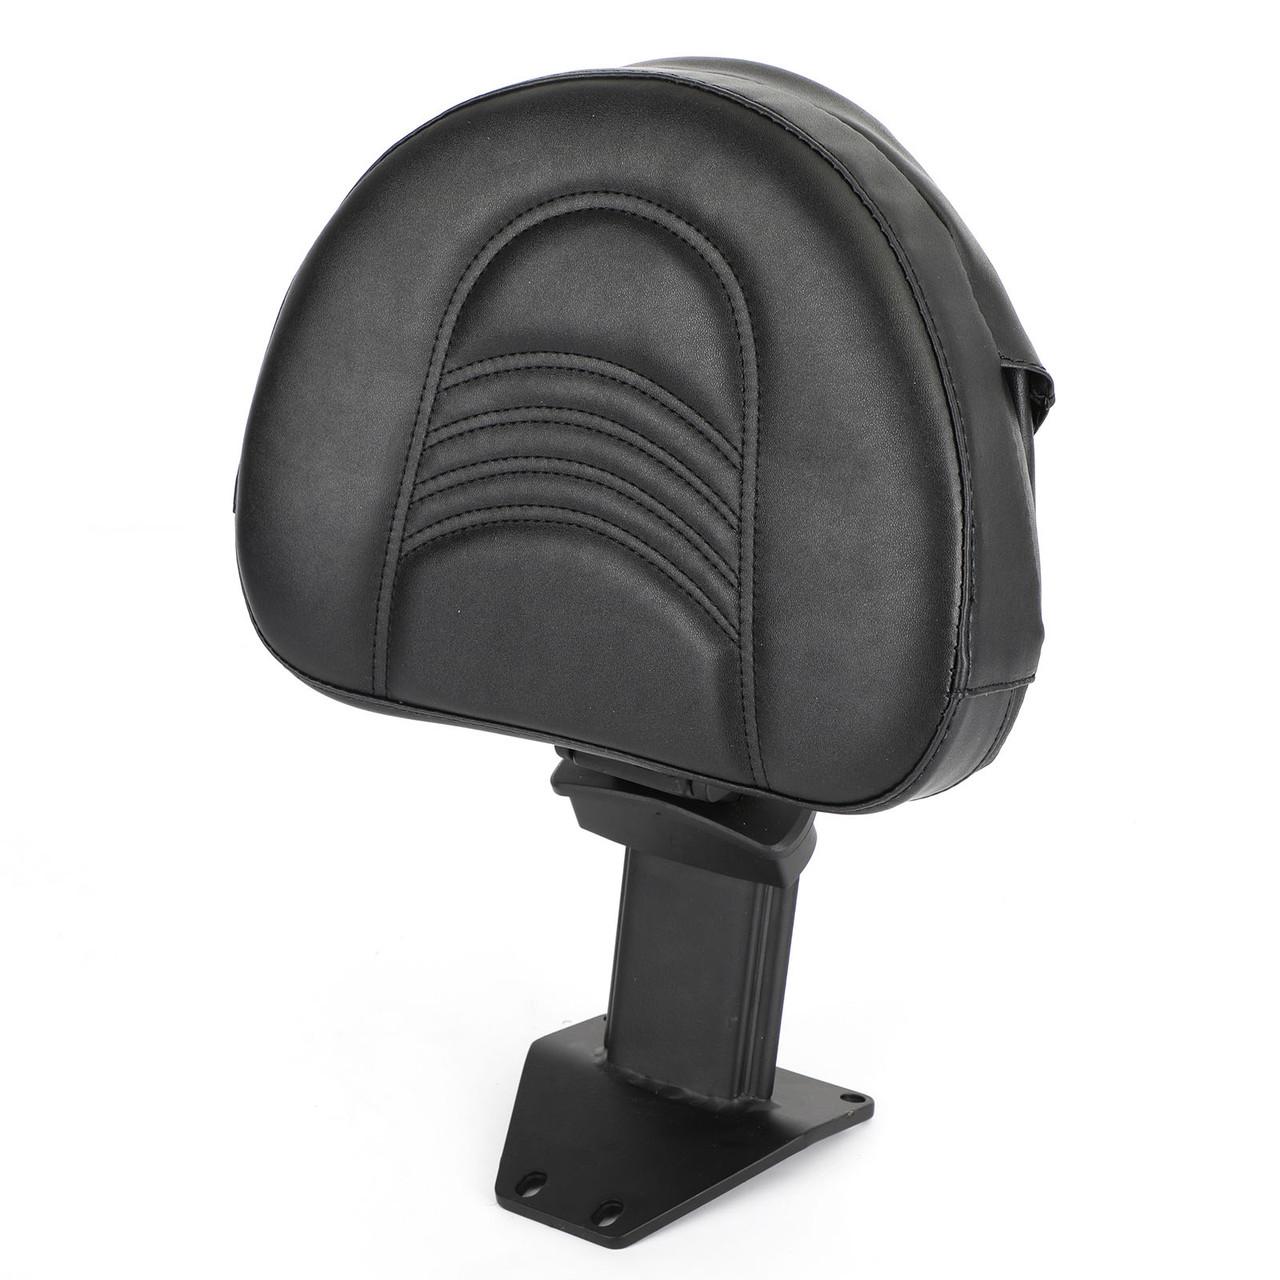 Driver Backrest fit for Honda Goldwing 1800 GL1800 2018-2020 Black